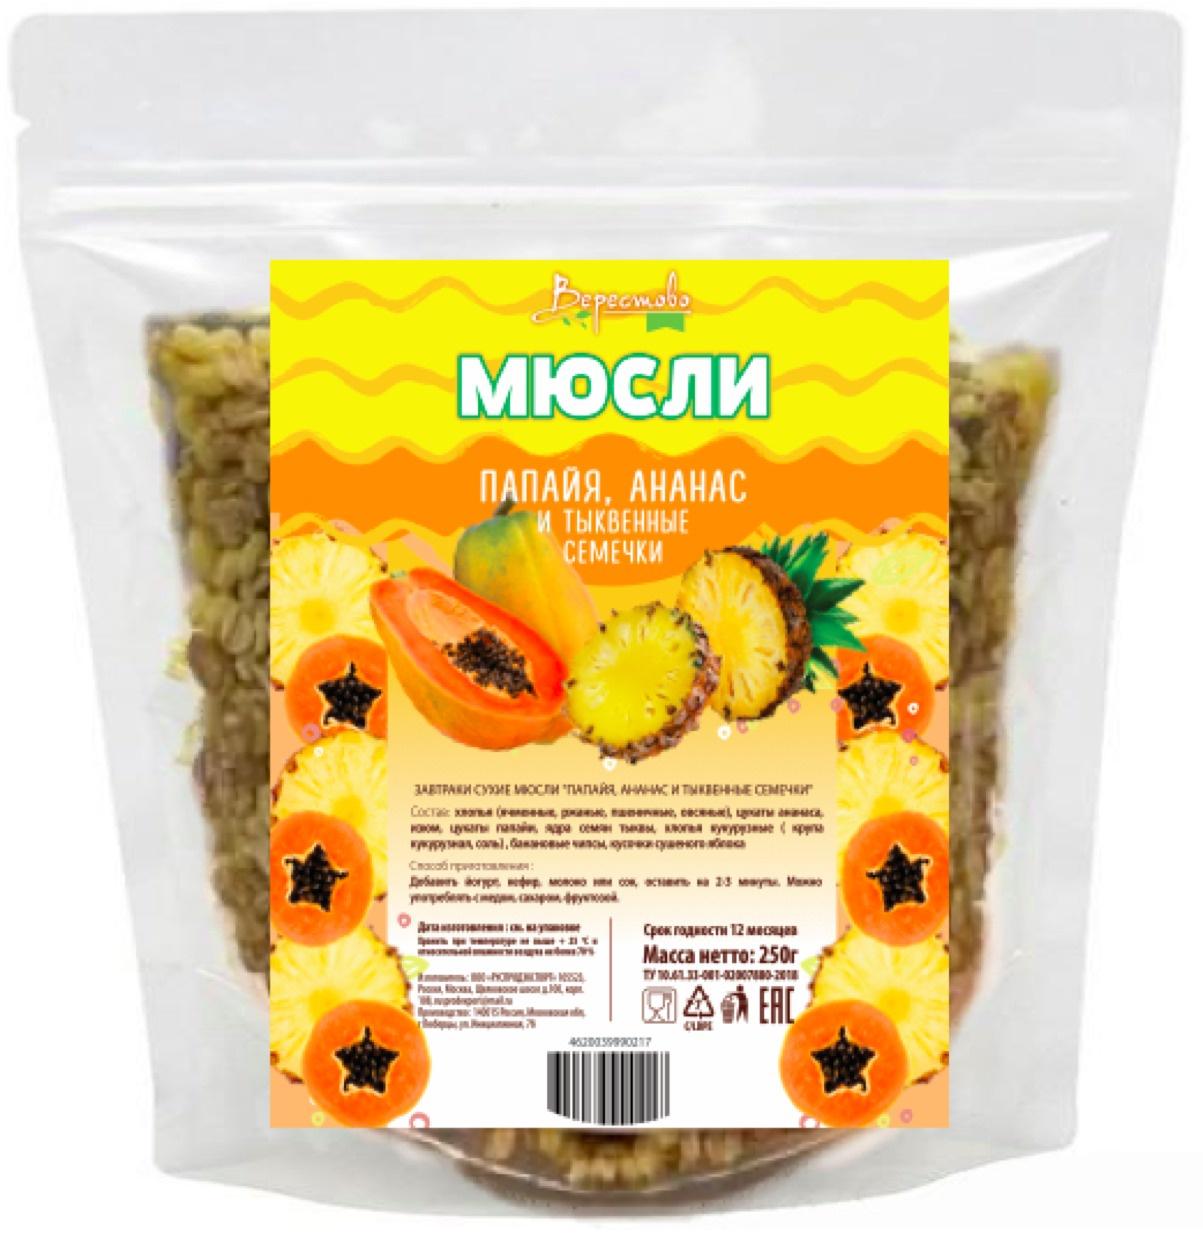 Мюсли Верестово Папайя, ананас и тыквенные семечки